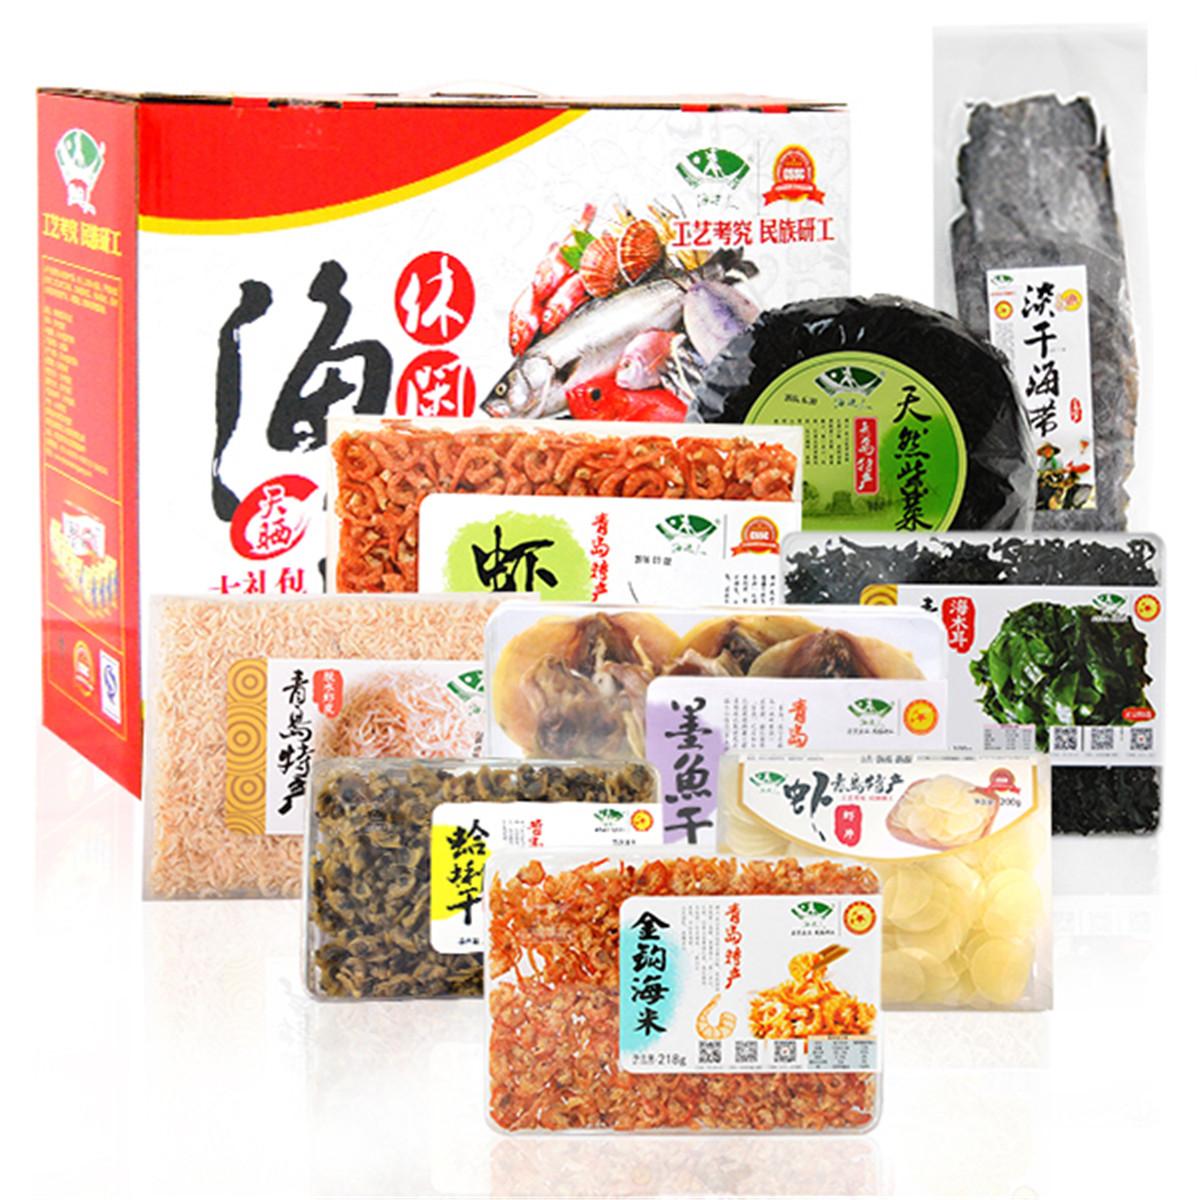 海边人青岛特产海鲜干货组合大礼包海产品礼盒2308g虾皮海米虾米COLOR海产品礼盒2308g